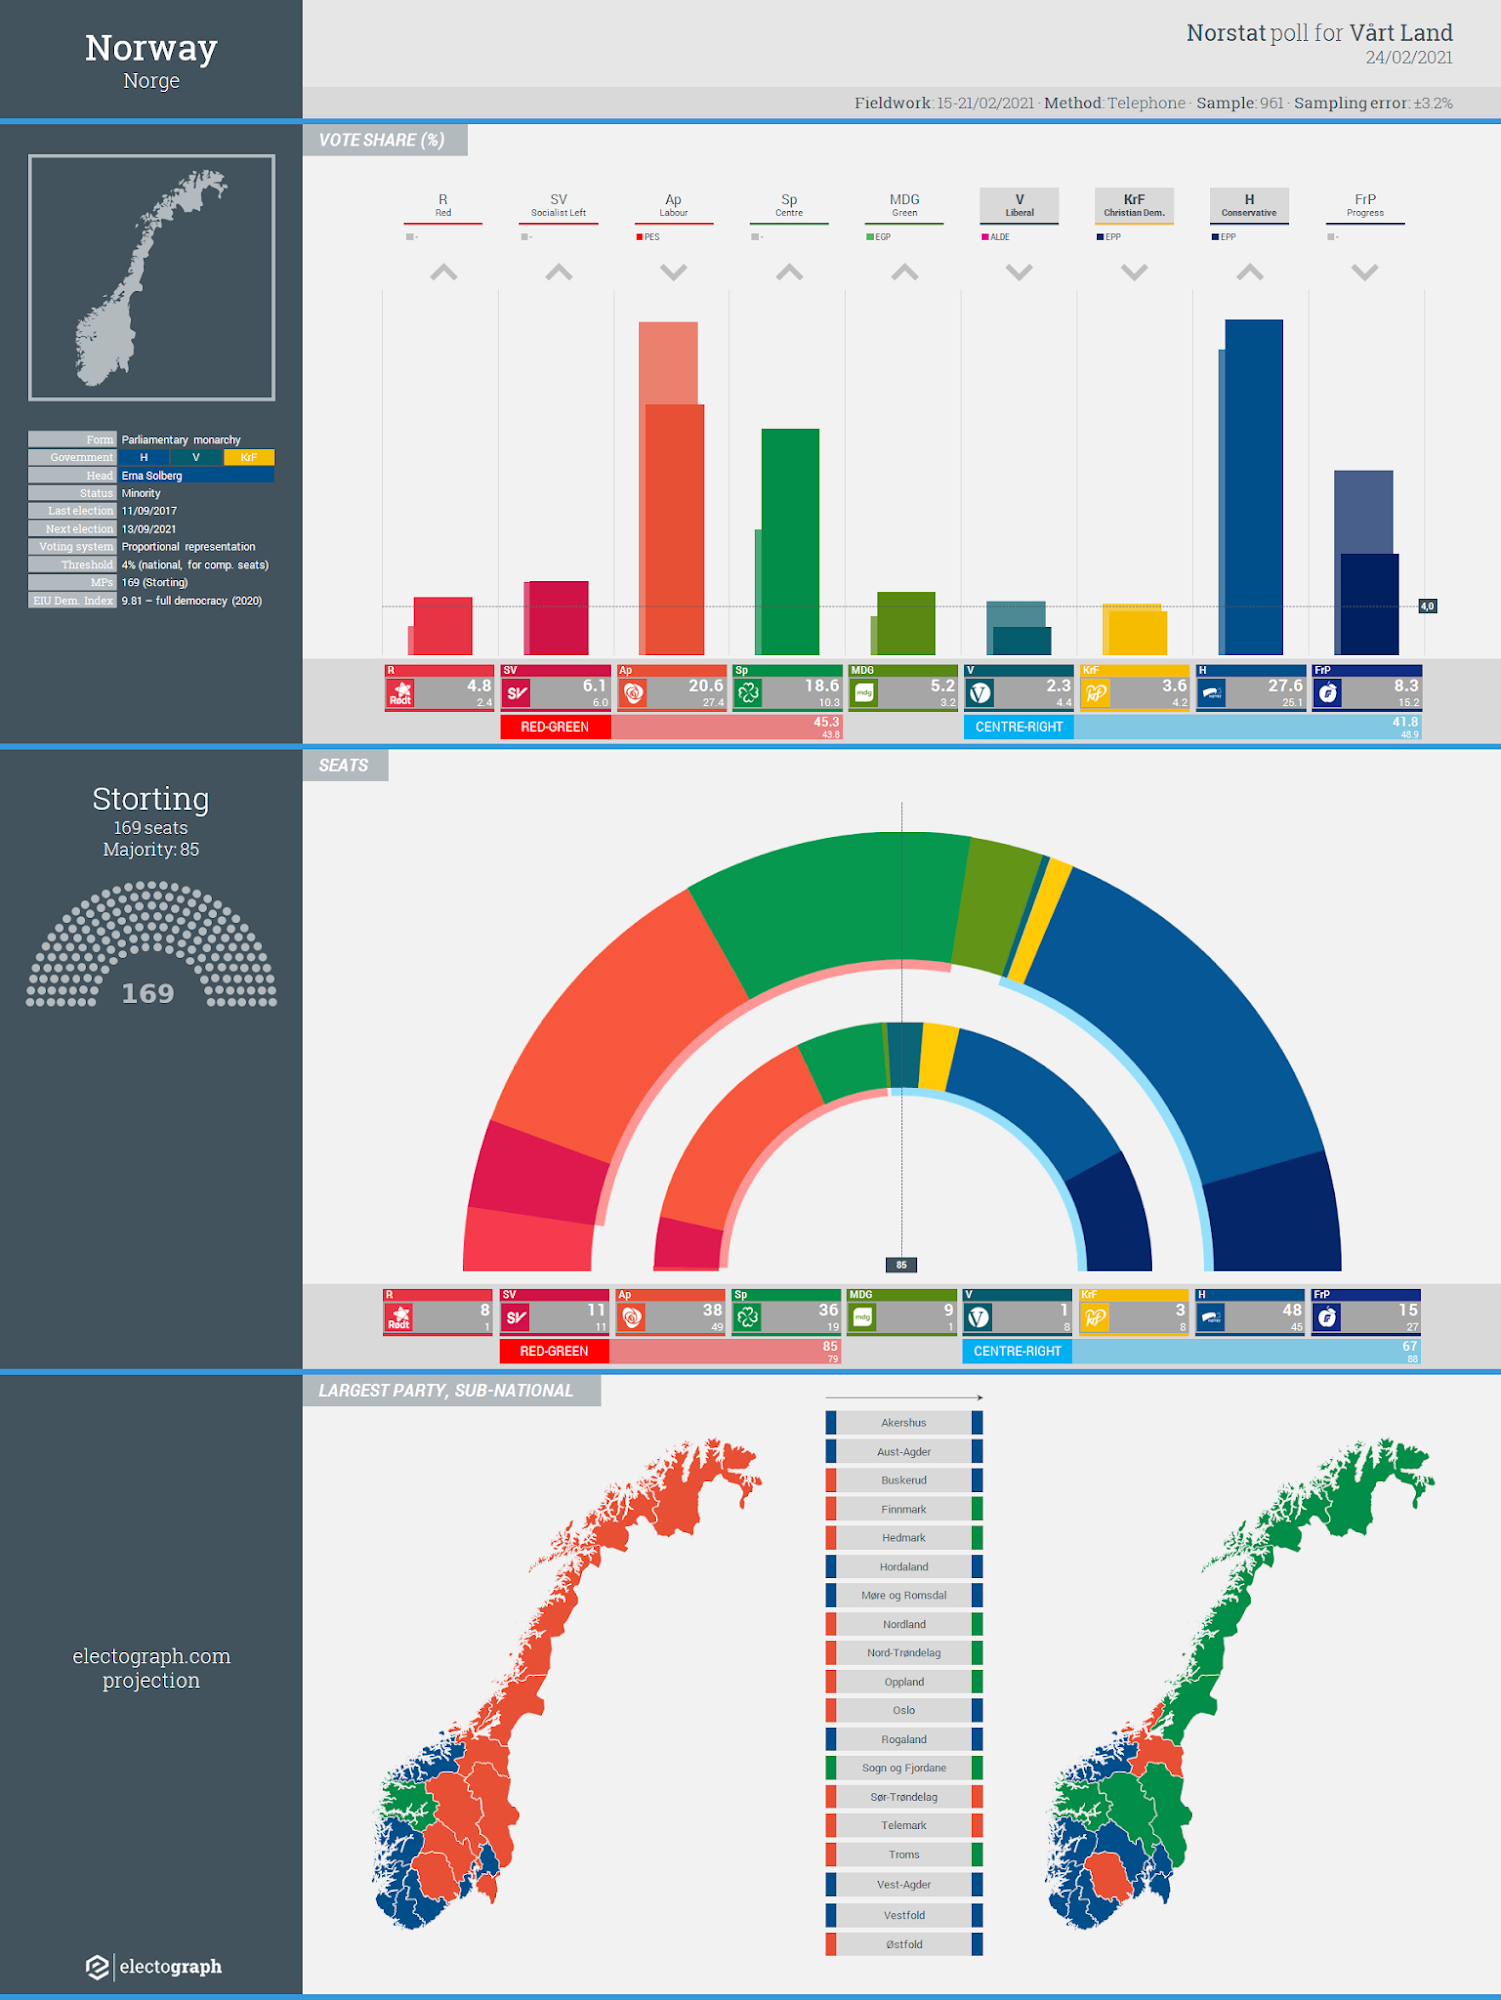 NORWAY: Norstat poll chart for Vårt Land, 24 February 2021